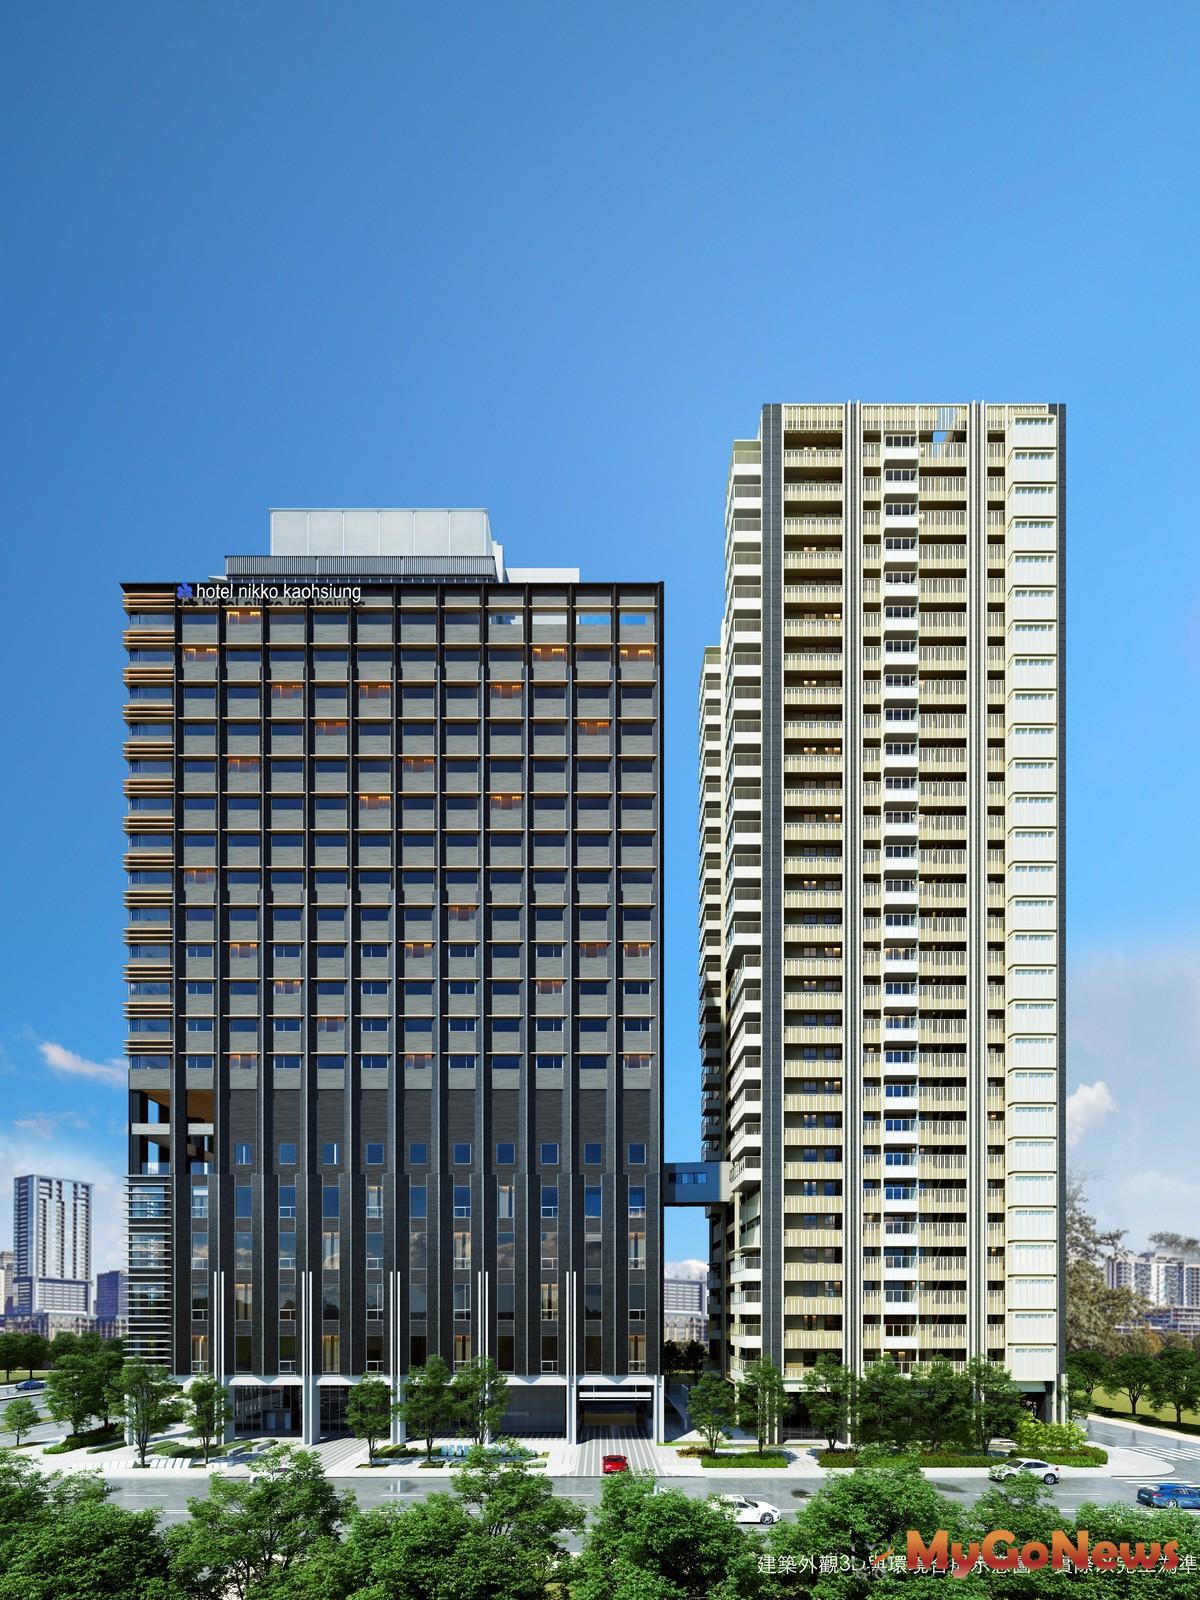 高雄純正日系共構的日航酒店「和陸寓邸」飯店宅建案也於9月27日100%完銷(圖/業者提供) MyGoNews房地產新聞 市場快訊